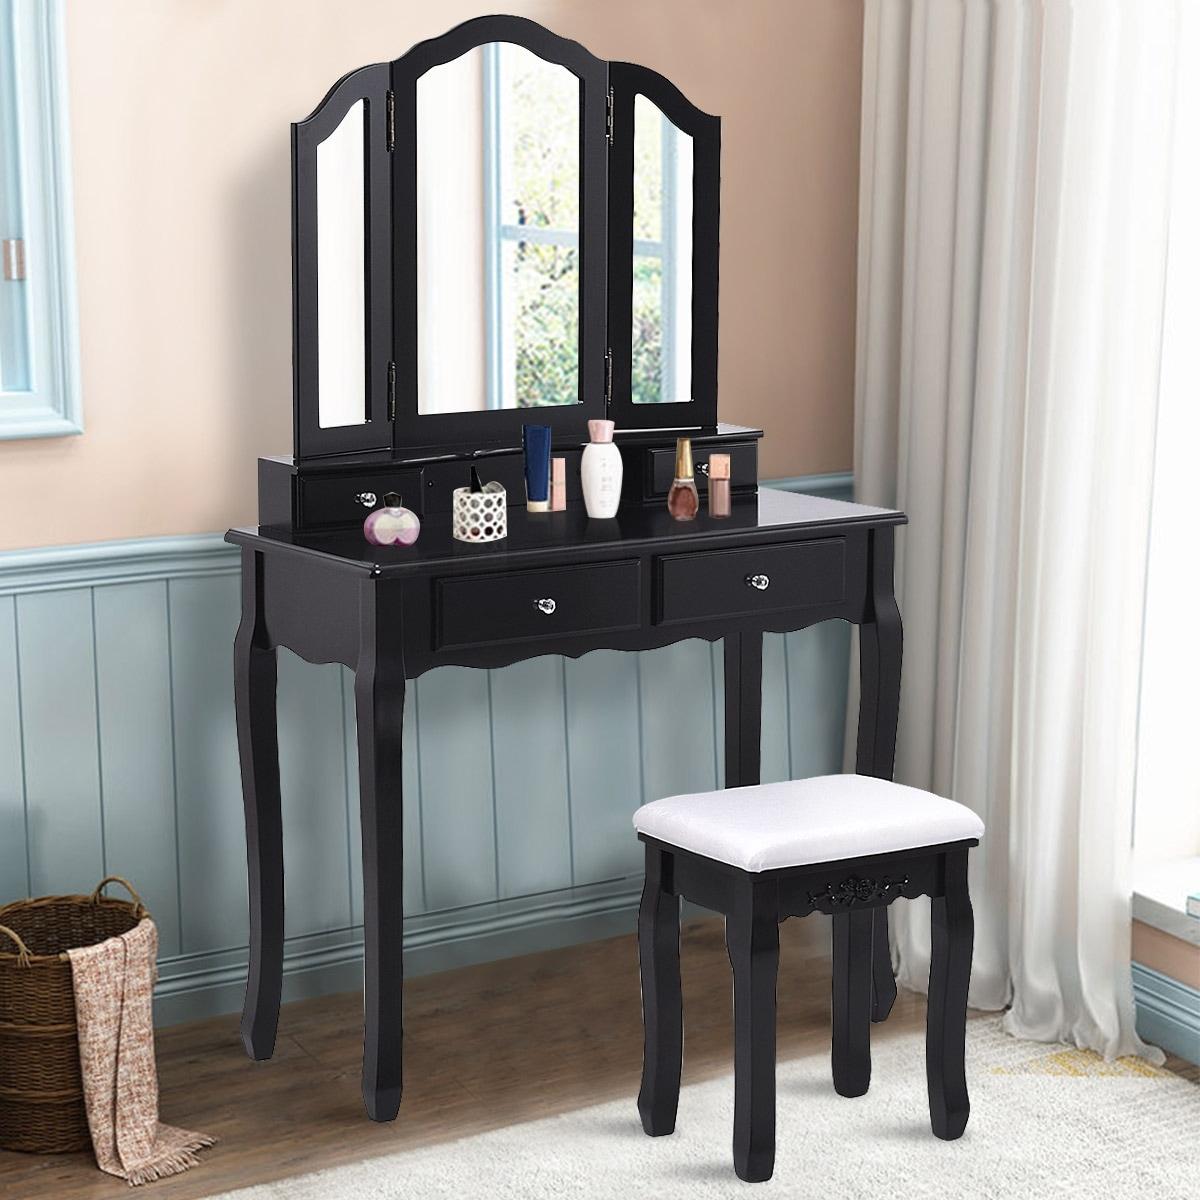 Costway Vanity Makeup Dressing Table Set bathroom W/Stool 4 Drawer\u0026Mirror  Jewelry Wood Desk Black